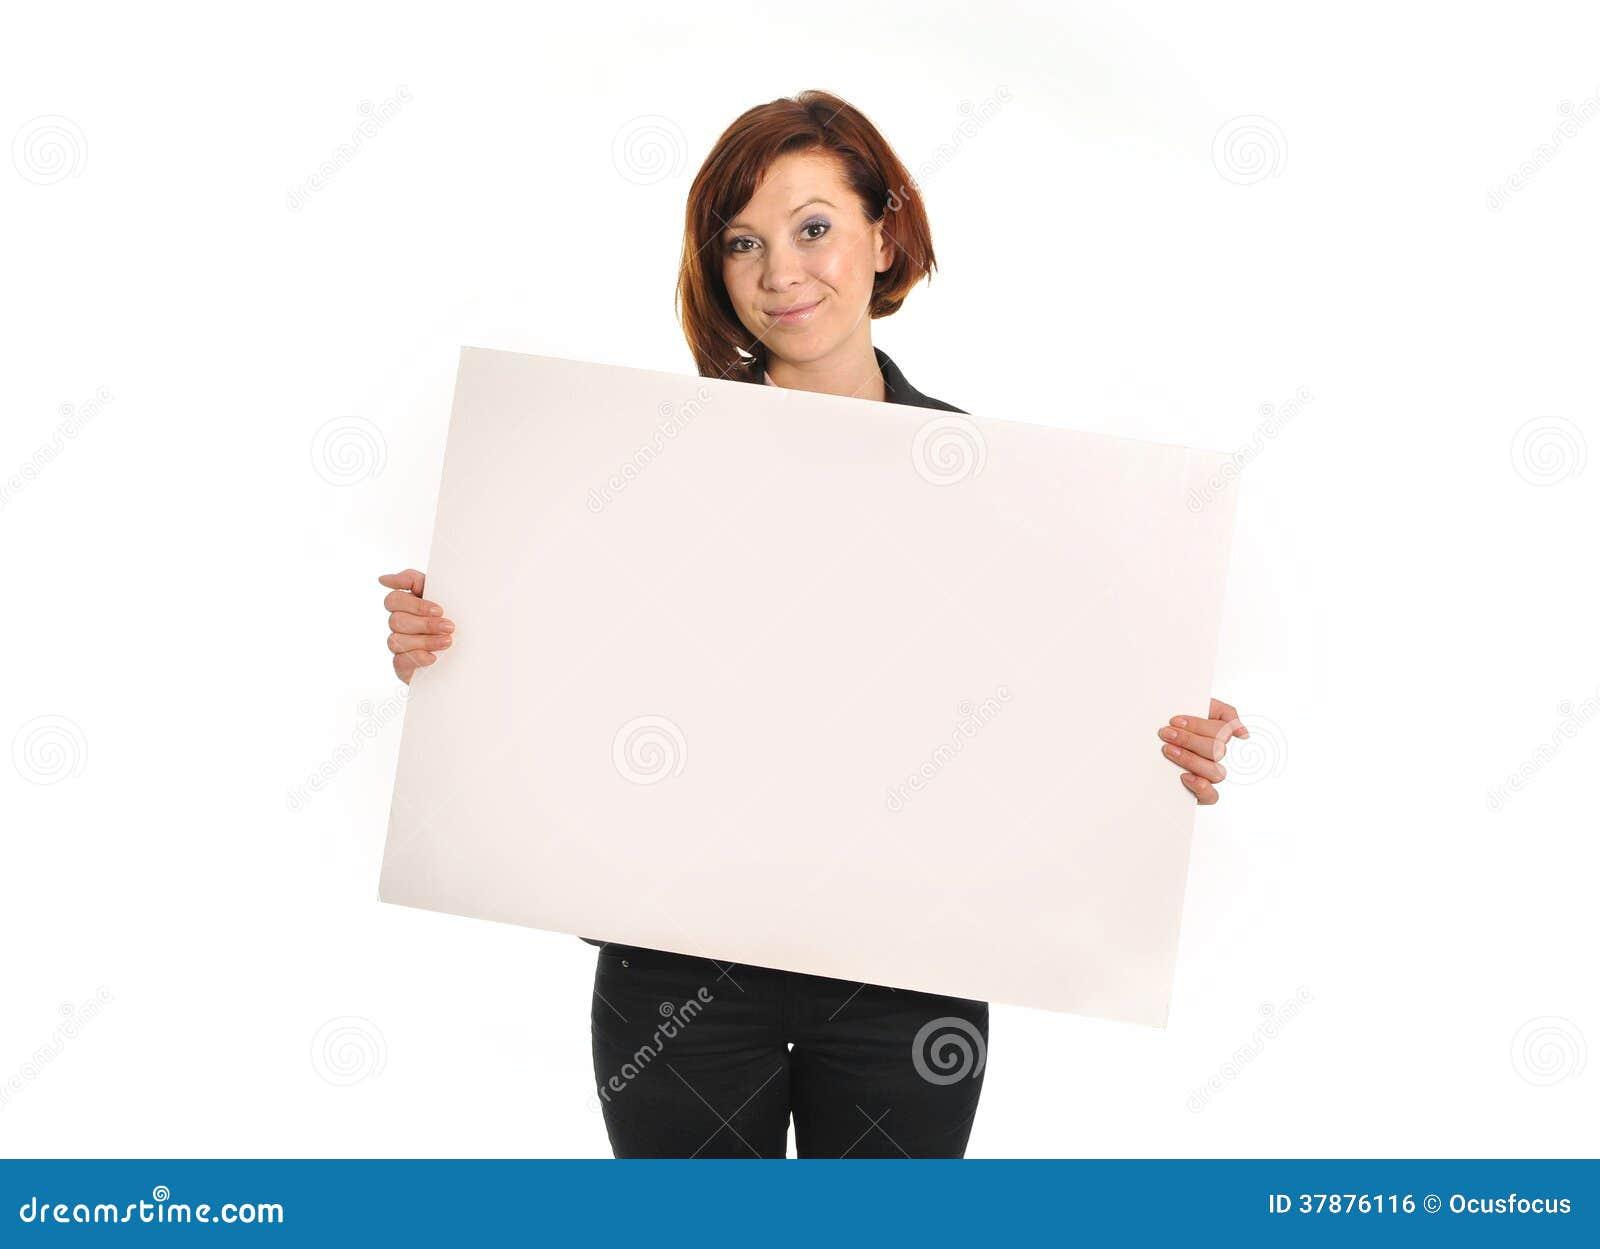 Gelukkig bezig het kartonteken van de bedrijfsvrouwenholding als exemplaarruimte